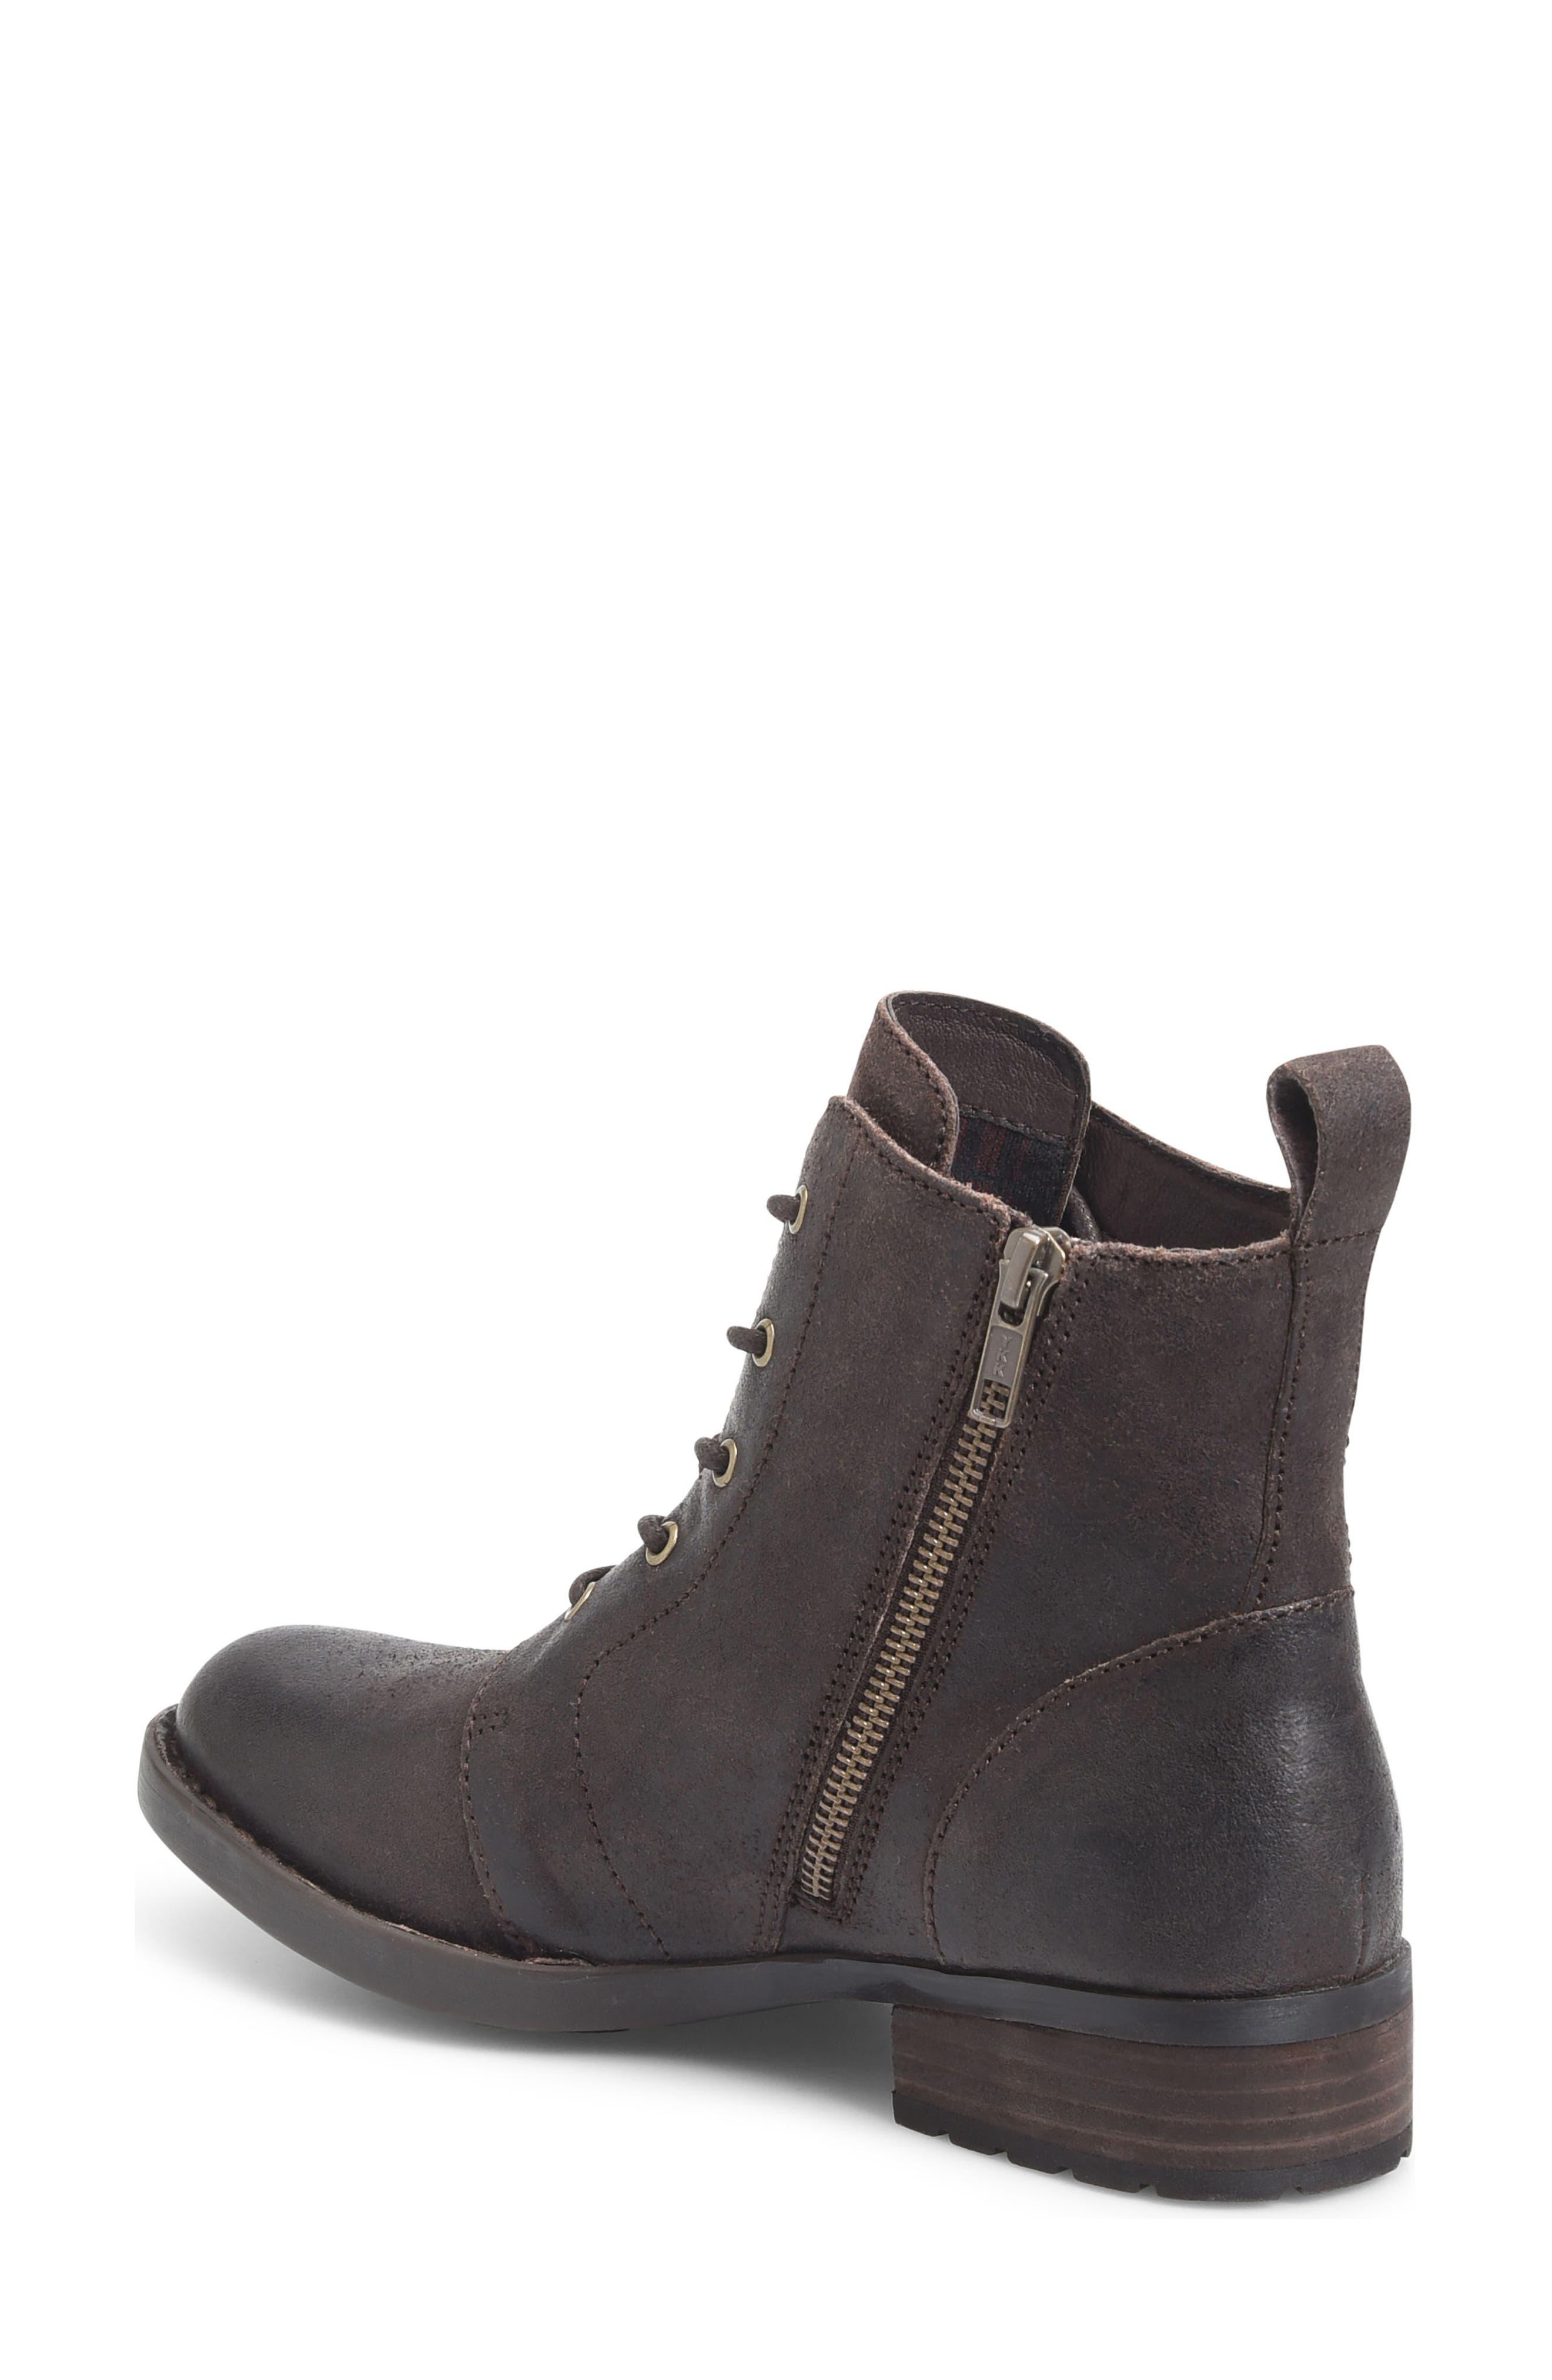 women u0027s børn boots boots for women nordstrom